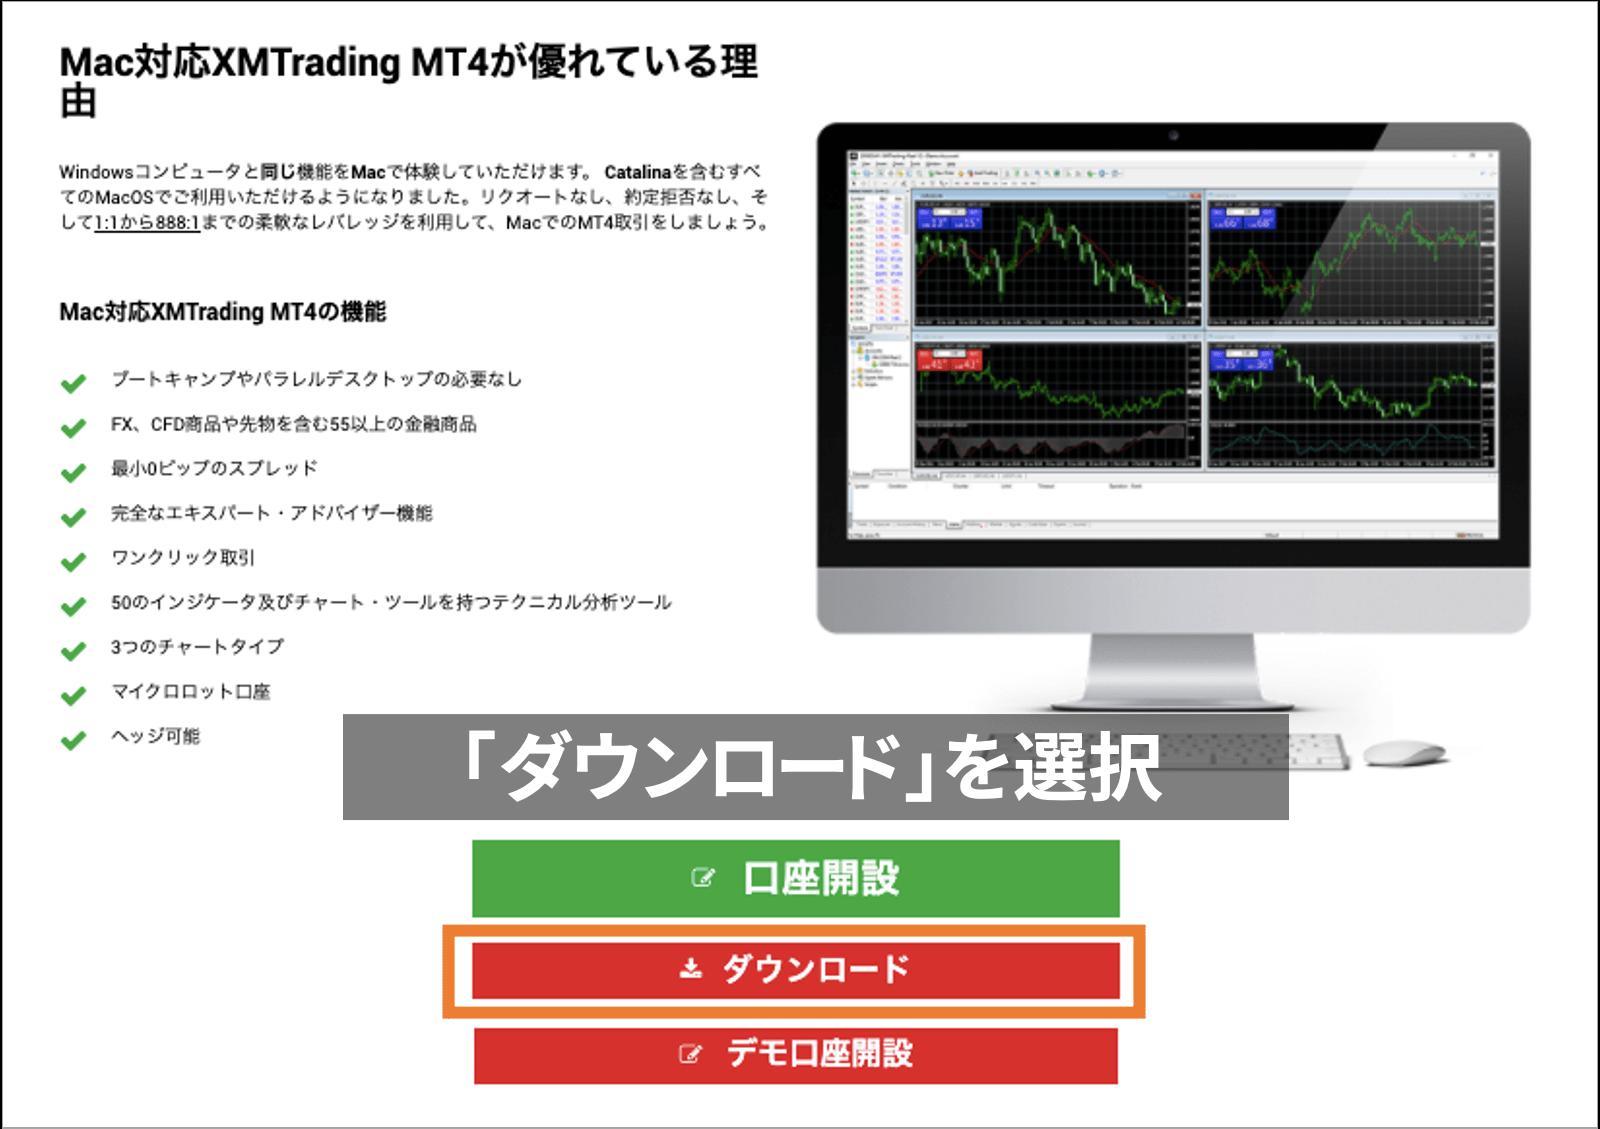 XM Mac対応MT4をダウンロード